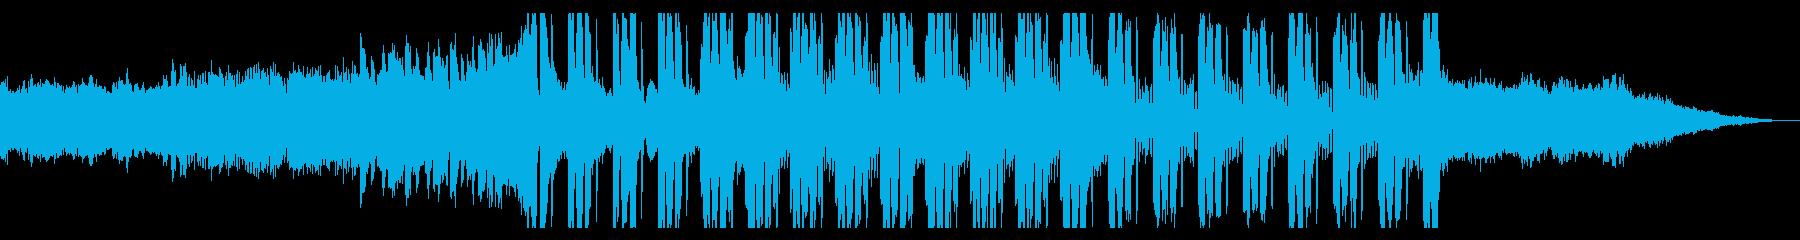 FutureBass 夜 モダン EDMの再生済みの波形